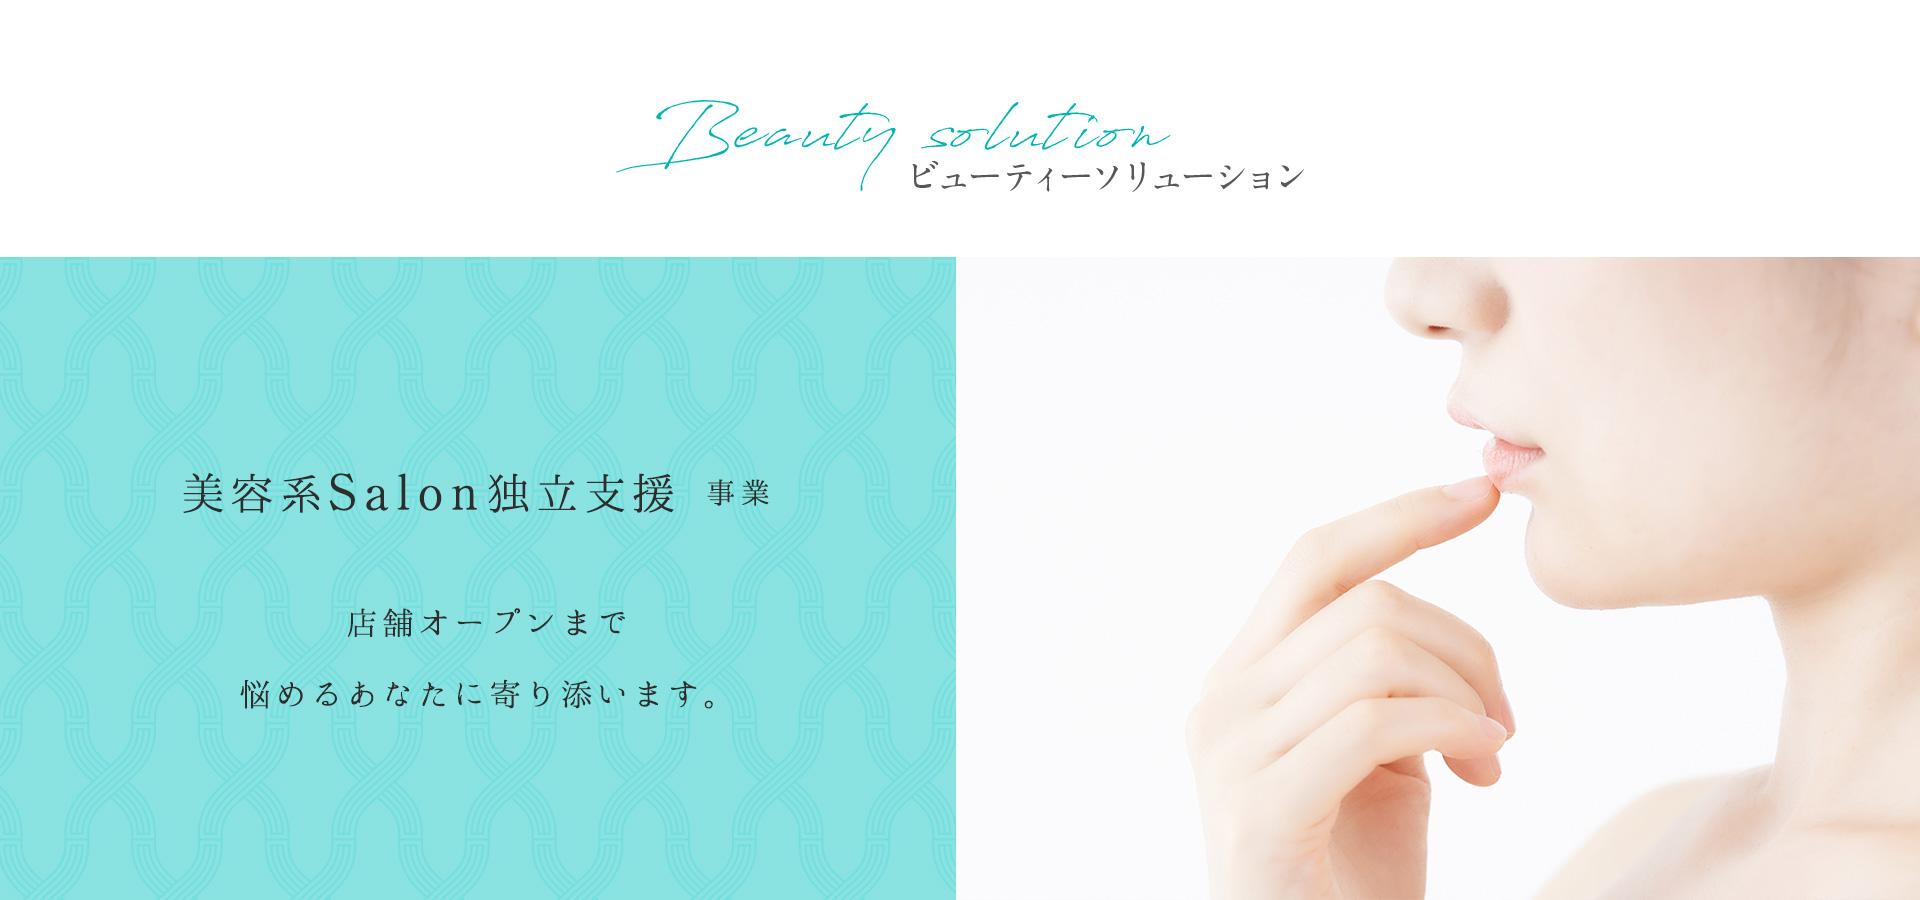 ビューティーソリューション 美容系Salon独立支援 事業